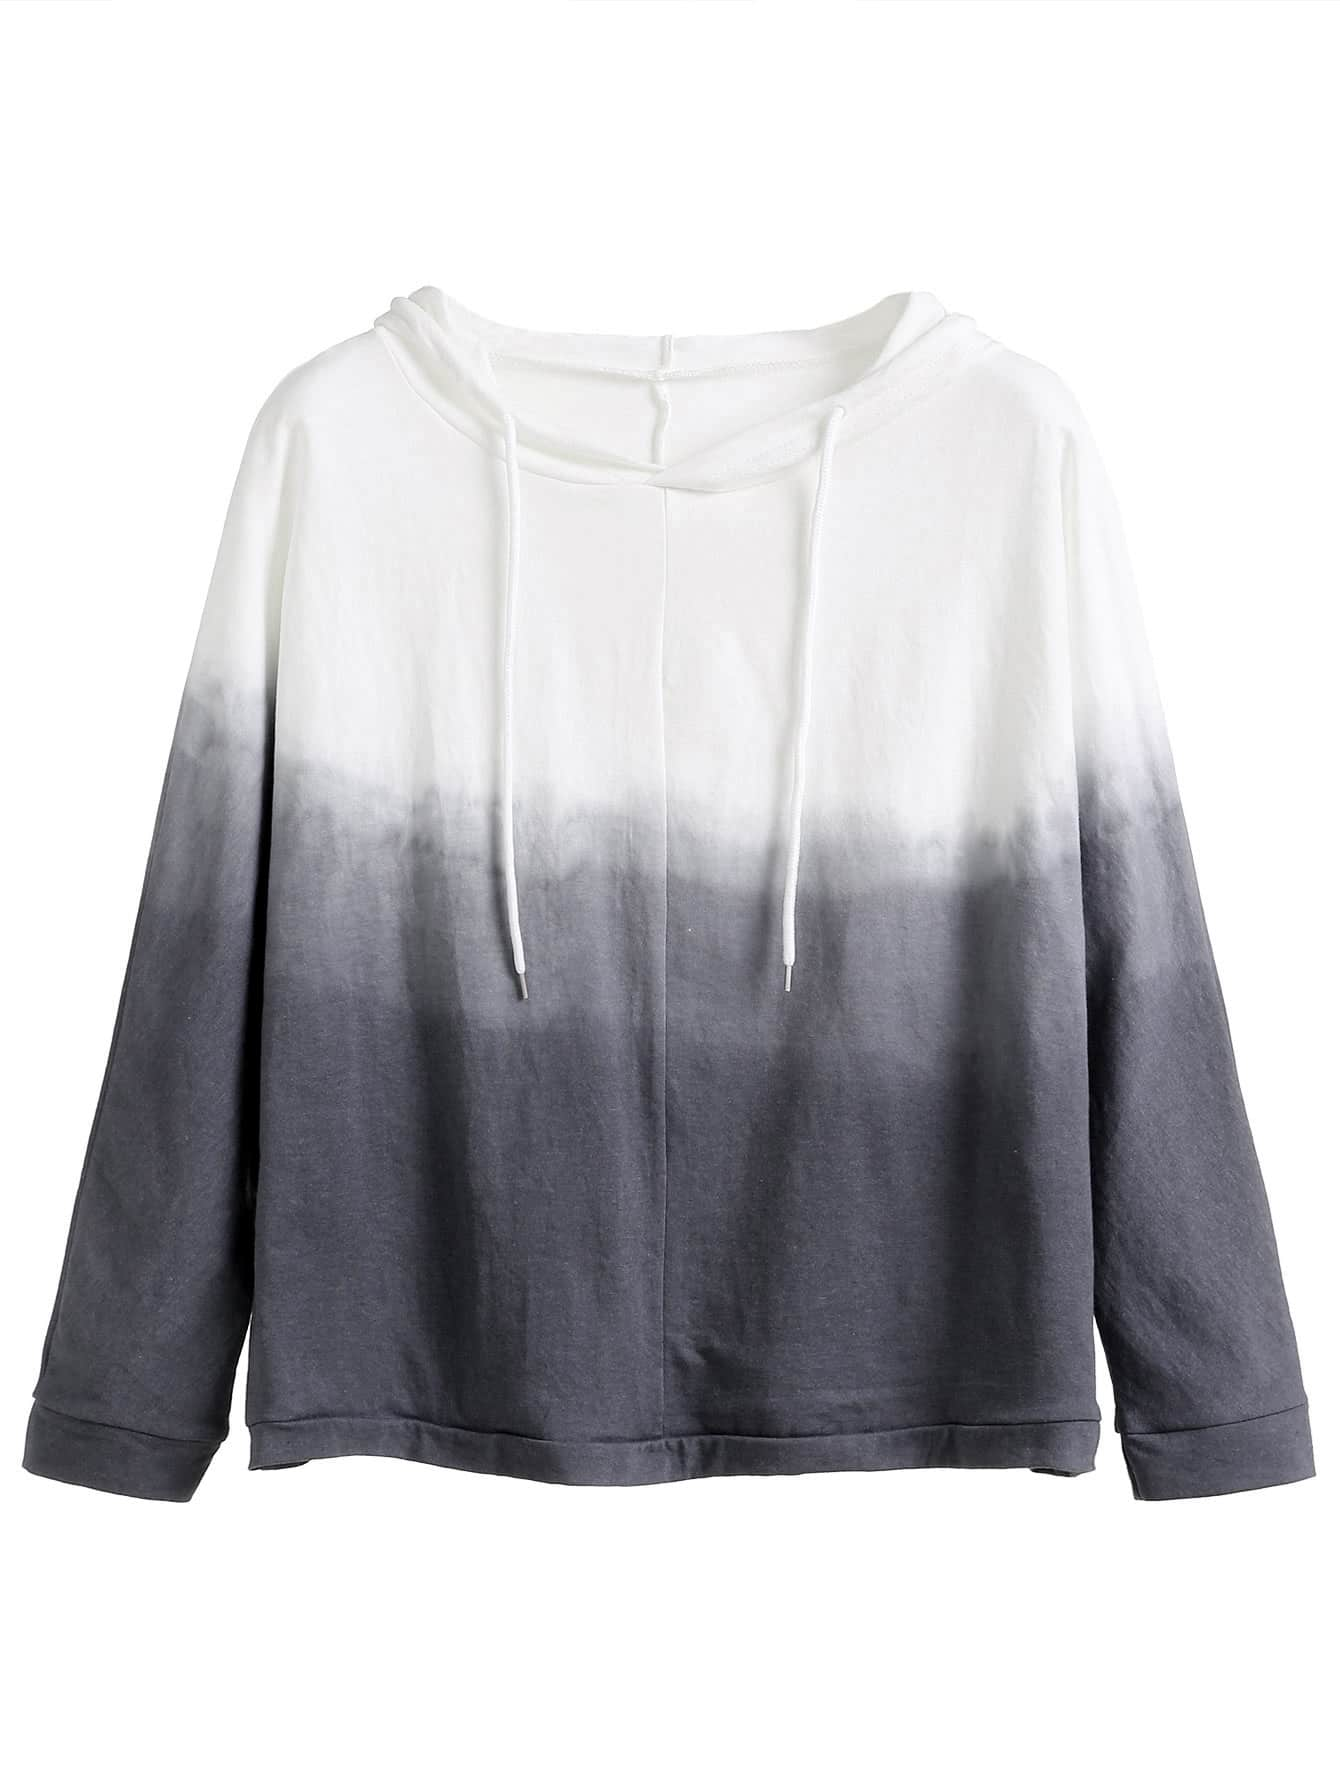 Grey Ombre Hooded Sweatshirt sweatshirt160830024